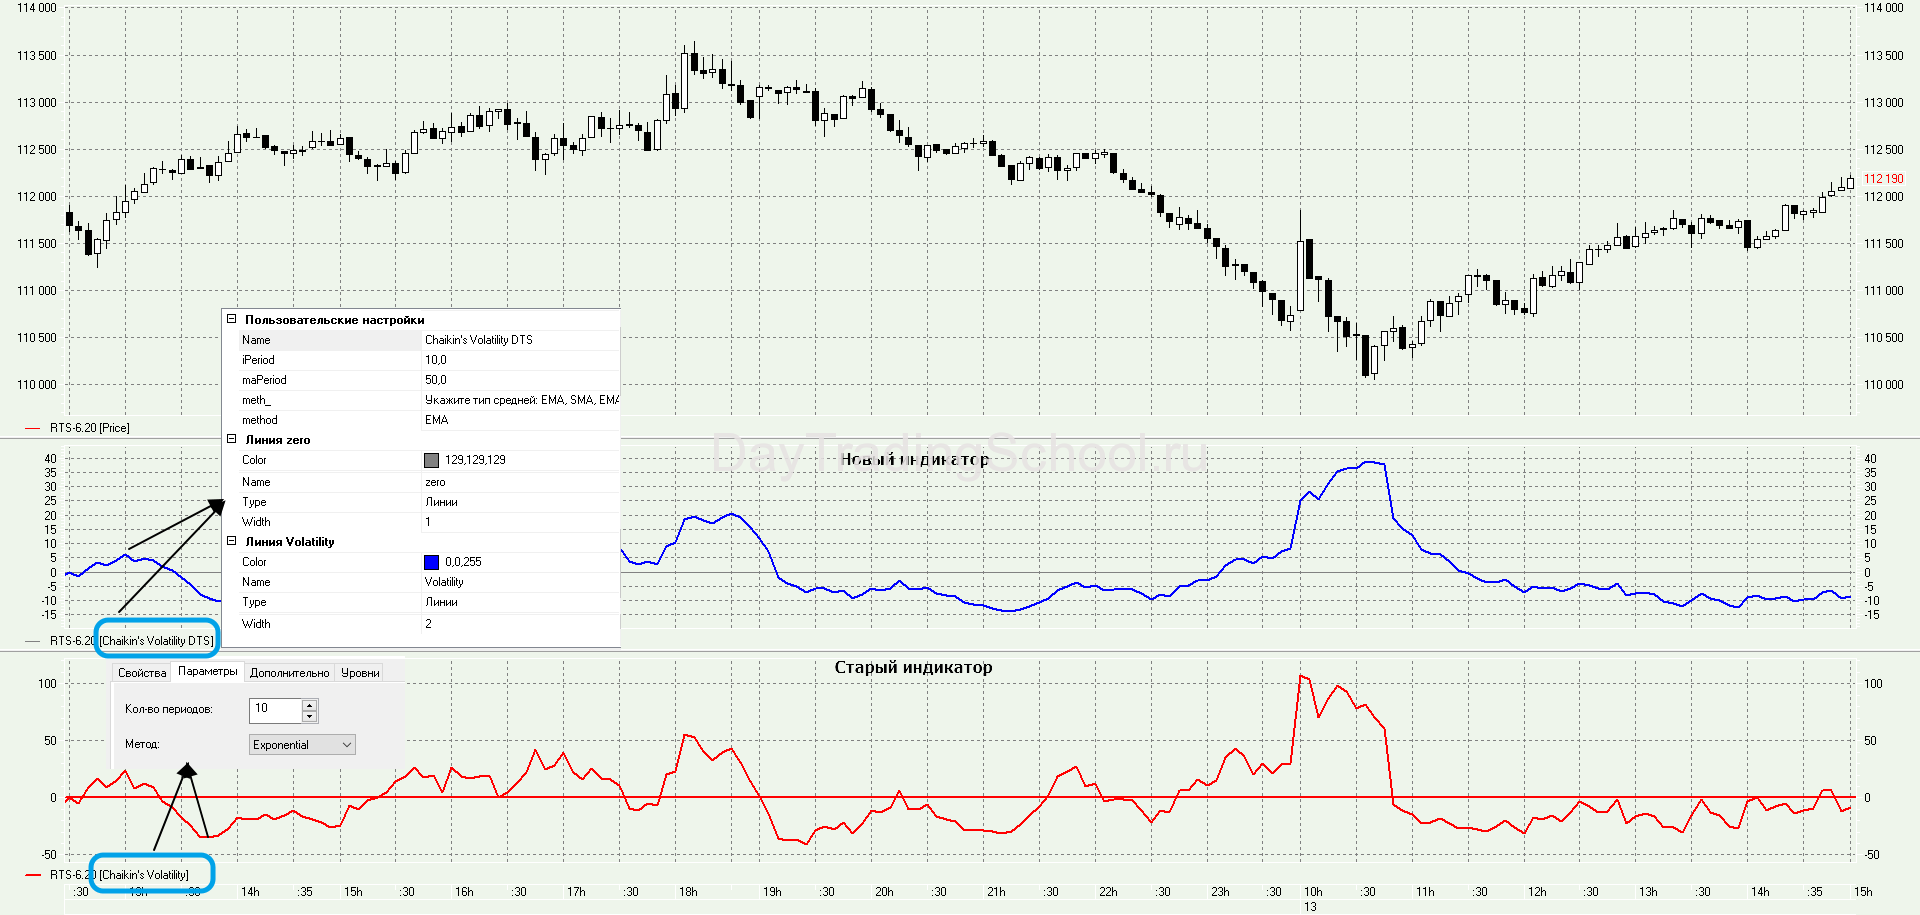 Chaikins-Volatility-сравнение-нового-и-старого